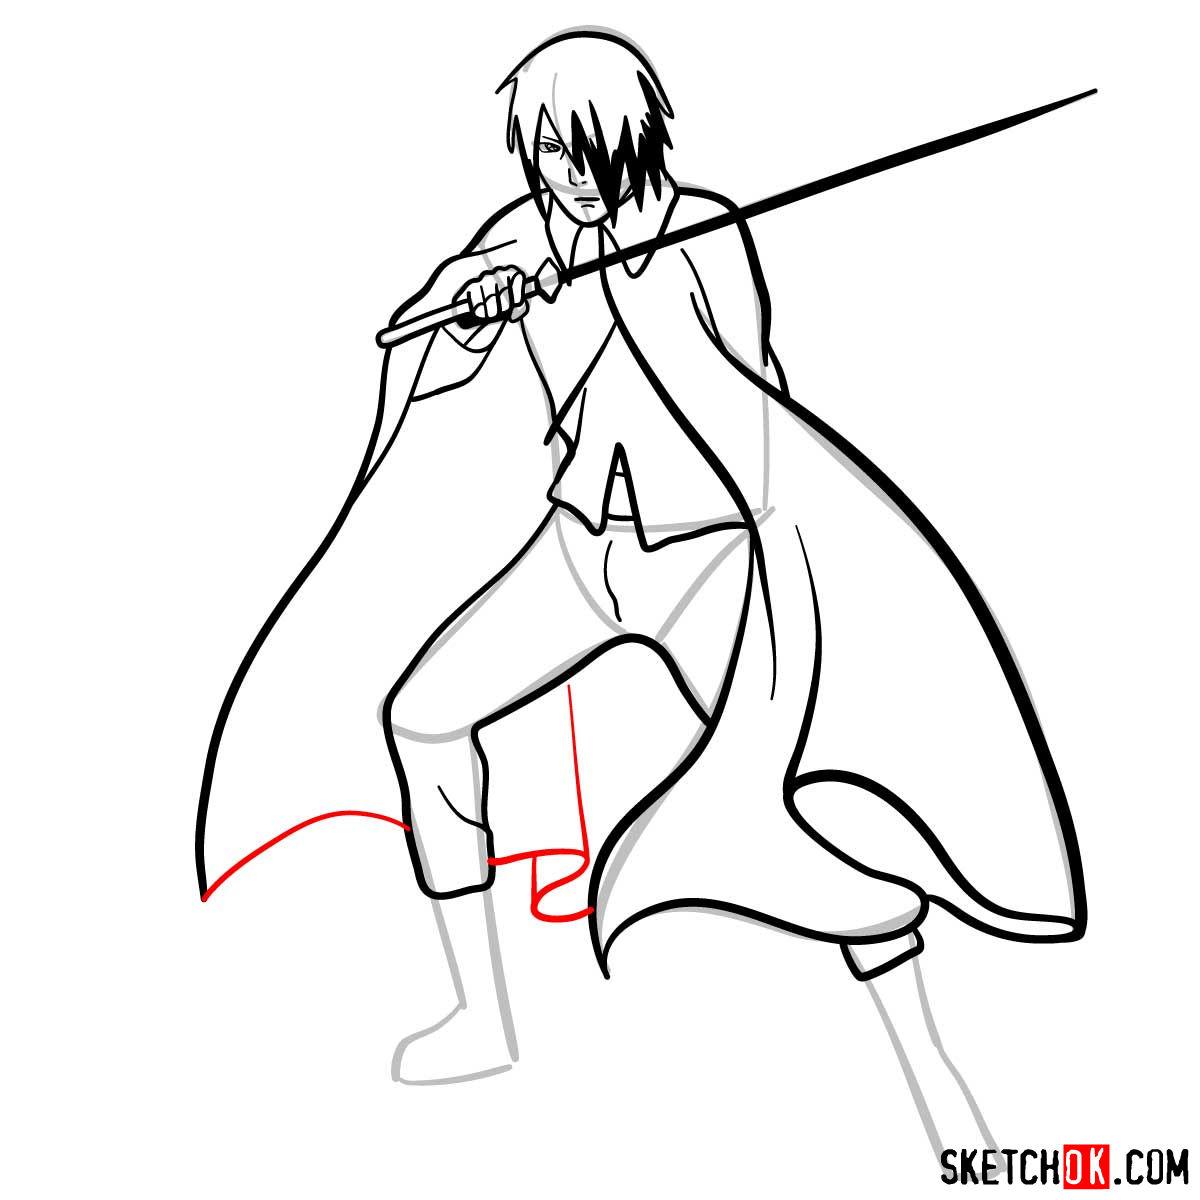 How to draw Sasuke Uchiha from Naruto anime - step 11